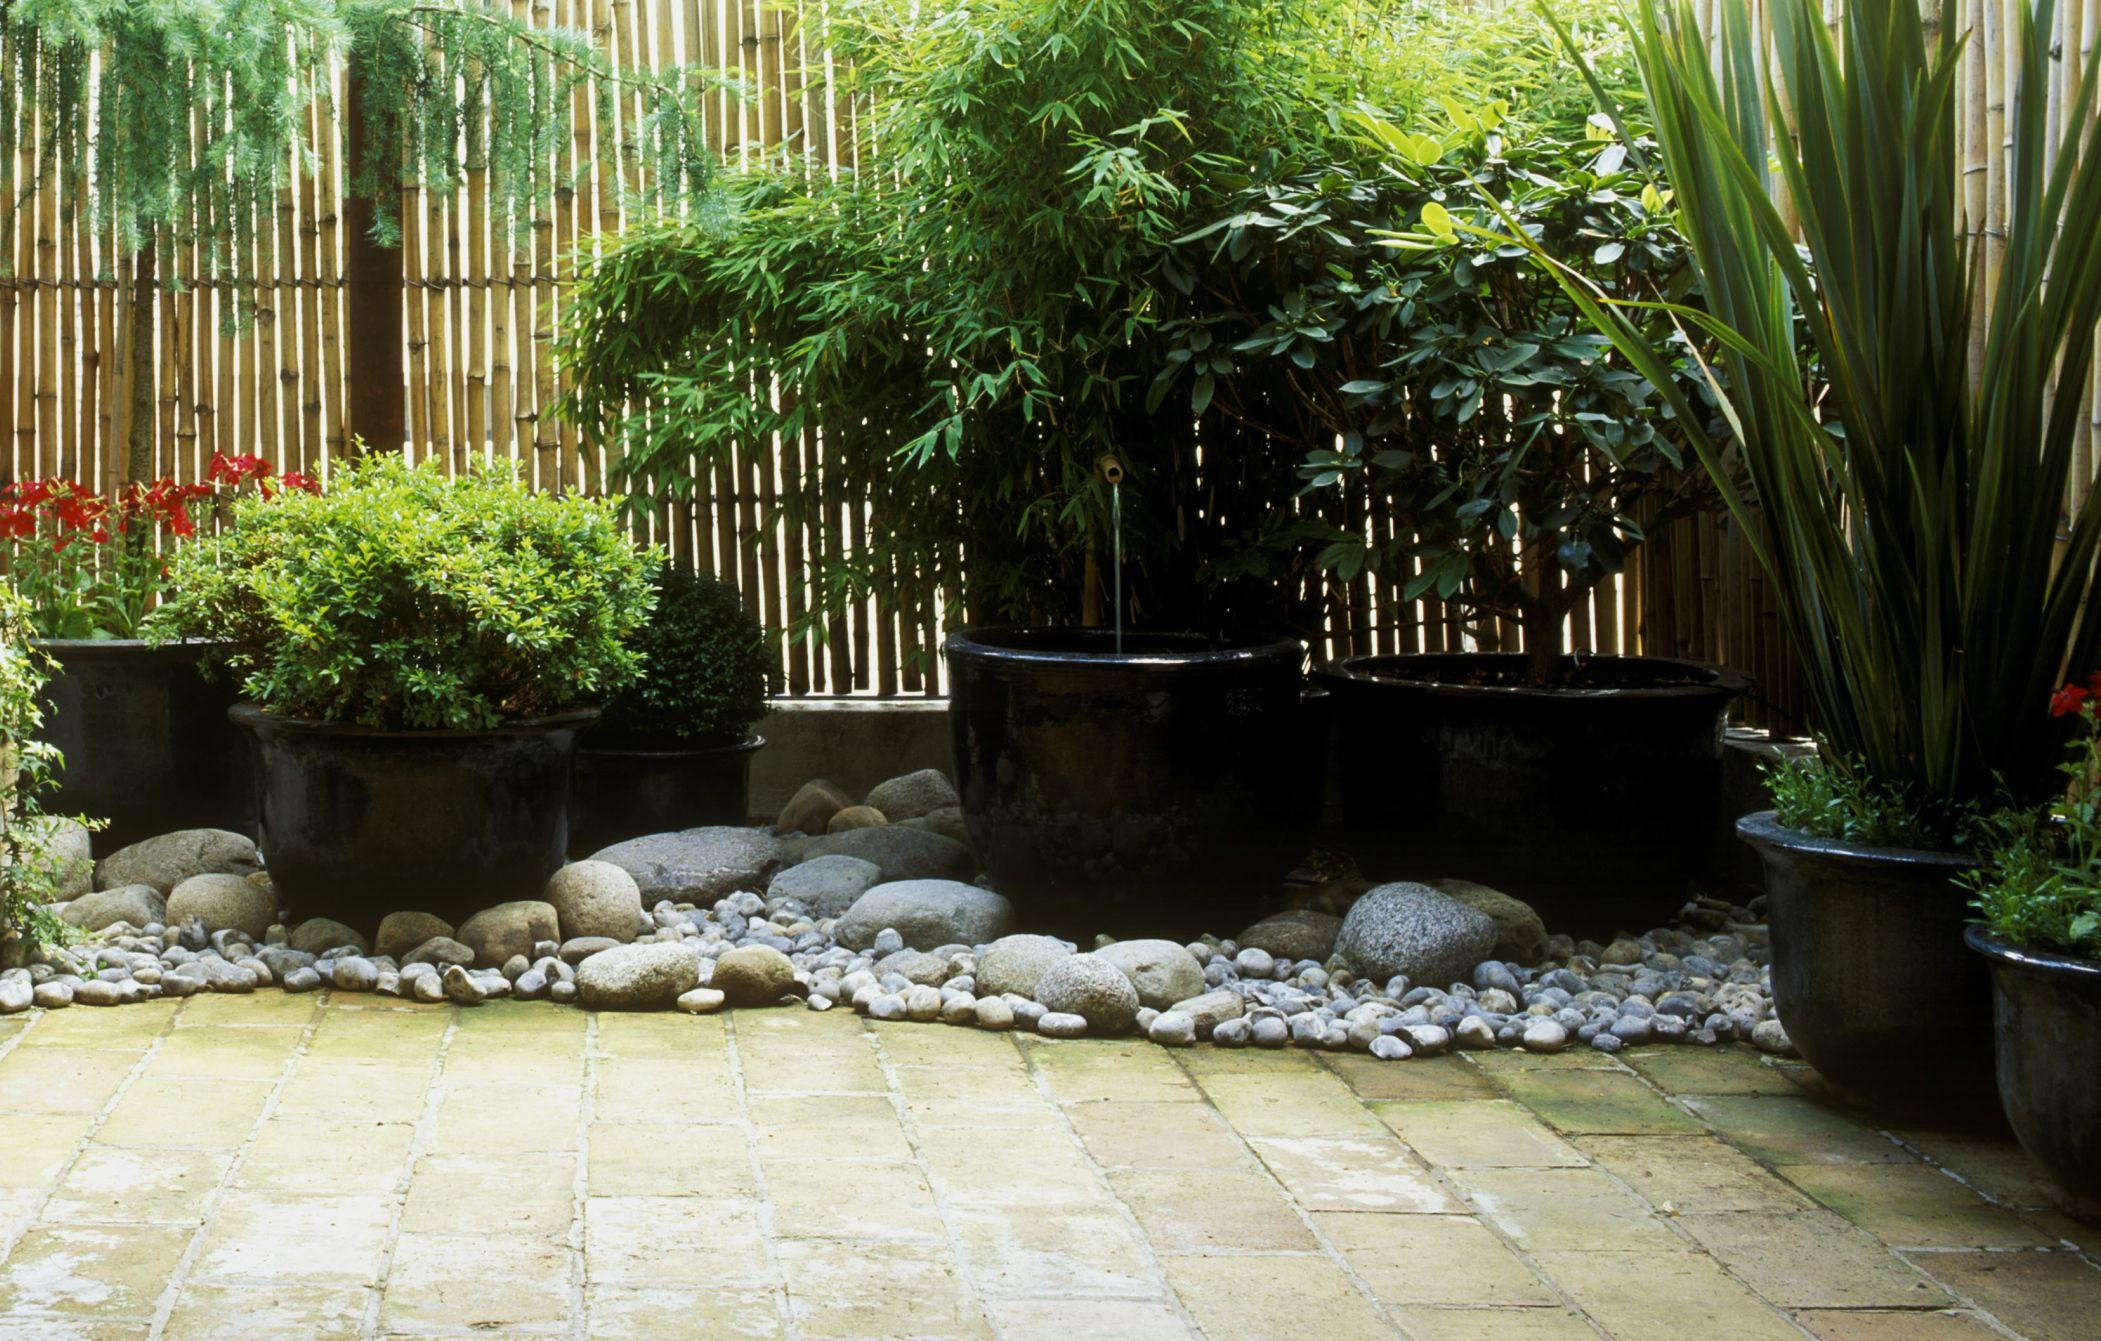 Crea un jard n para la sombra - Iluminacion solar de jardin ...